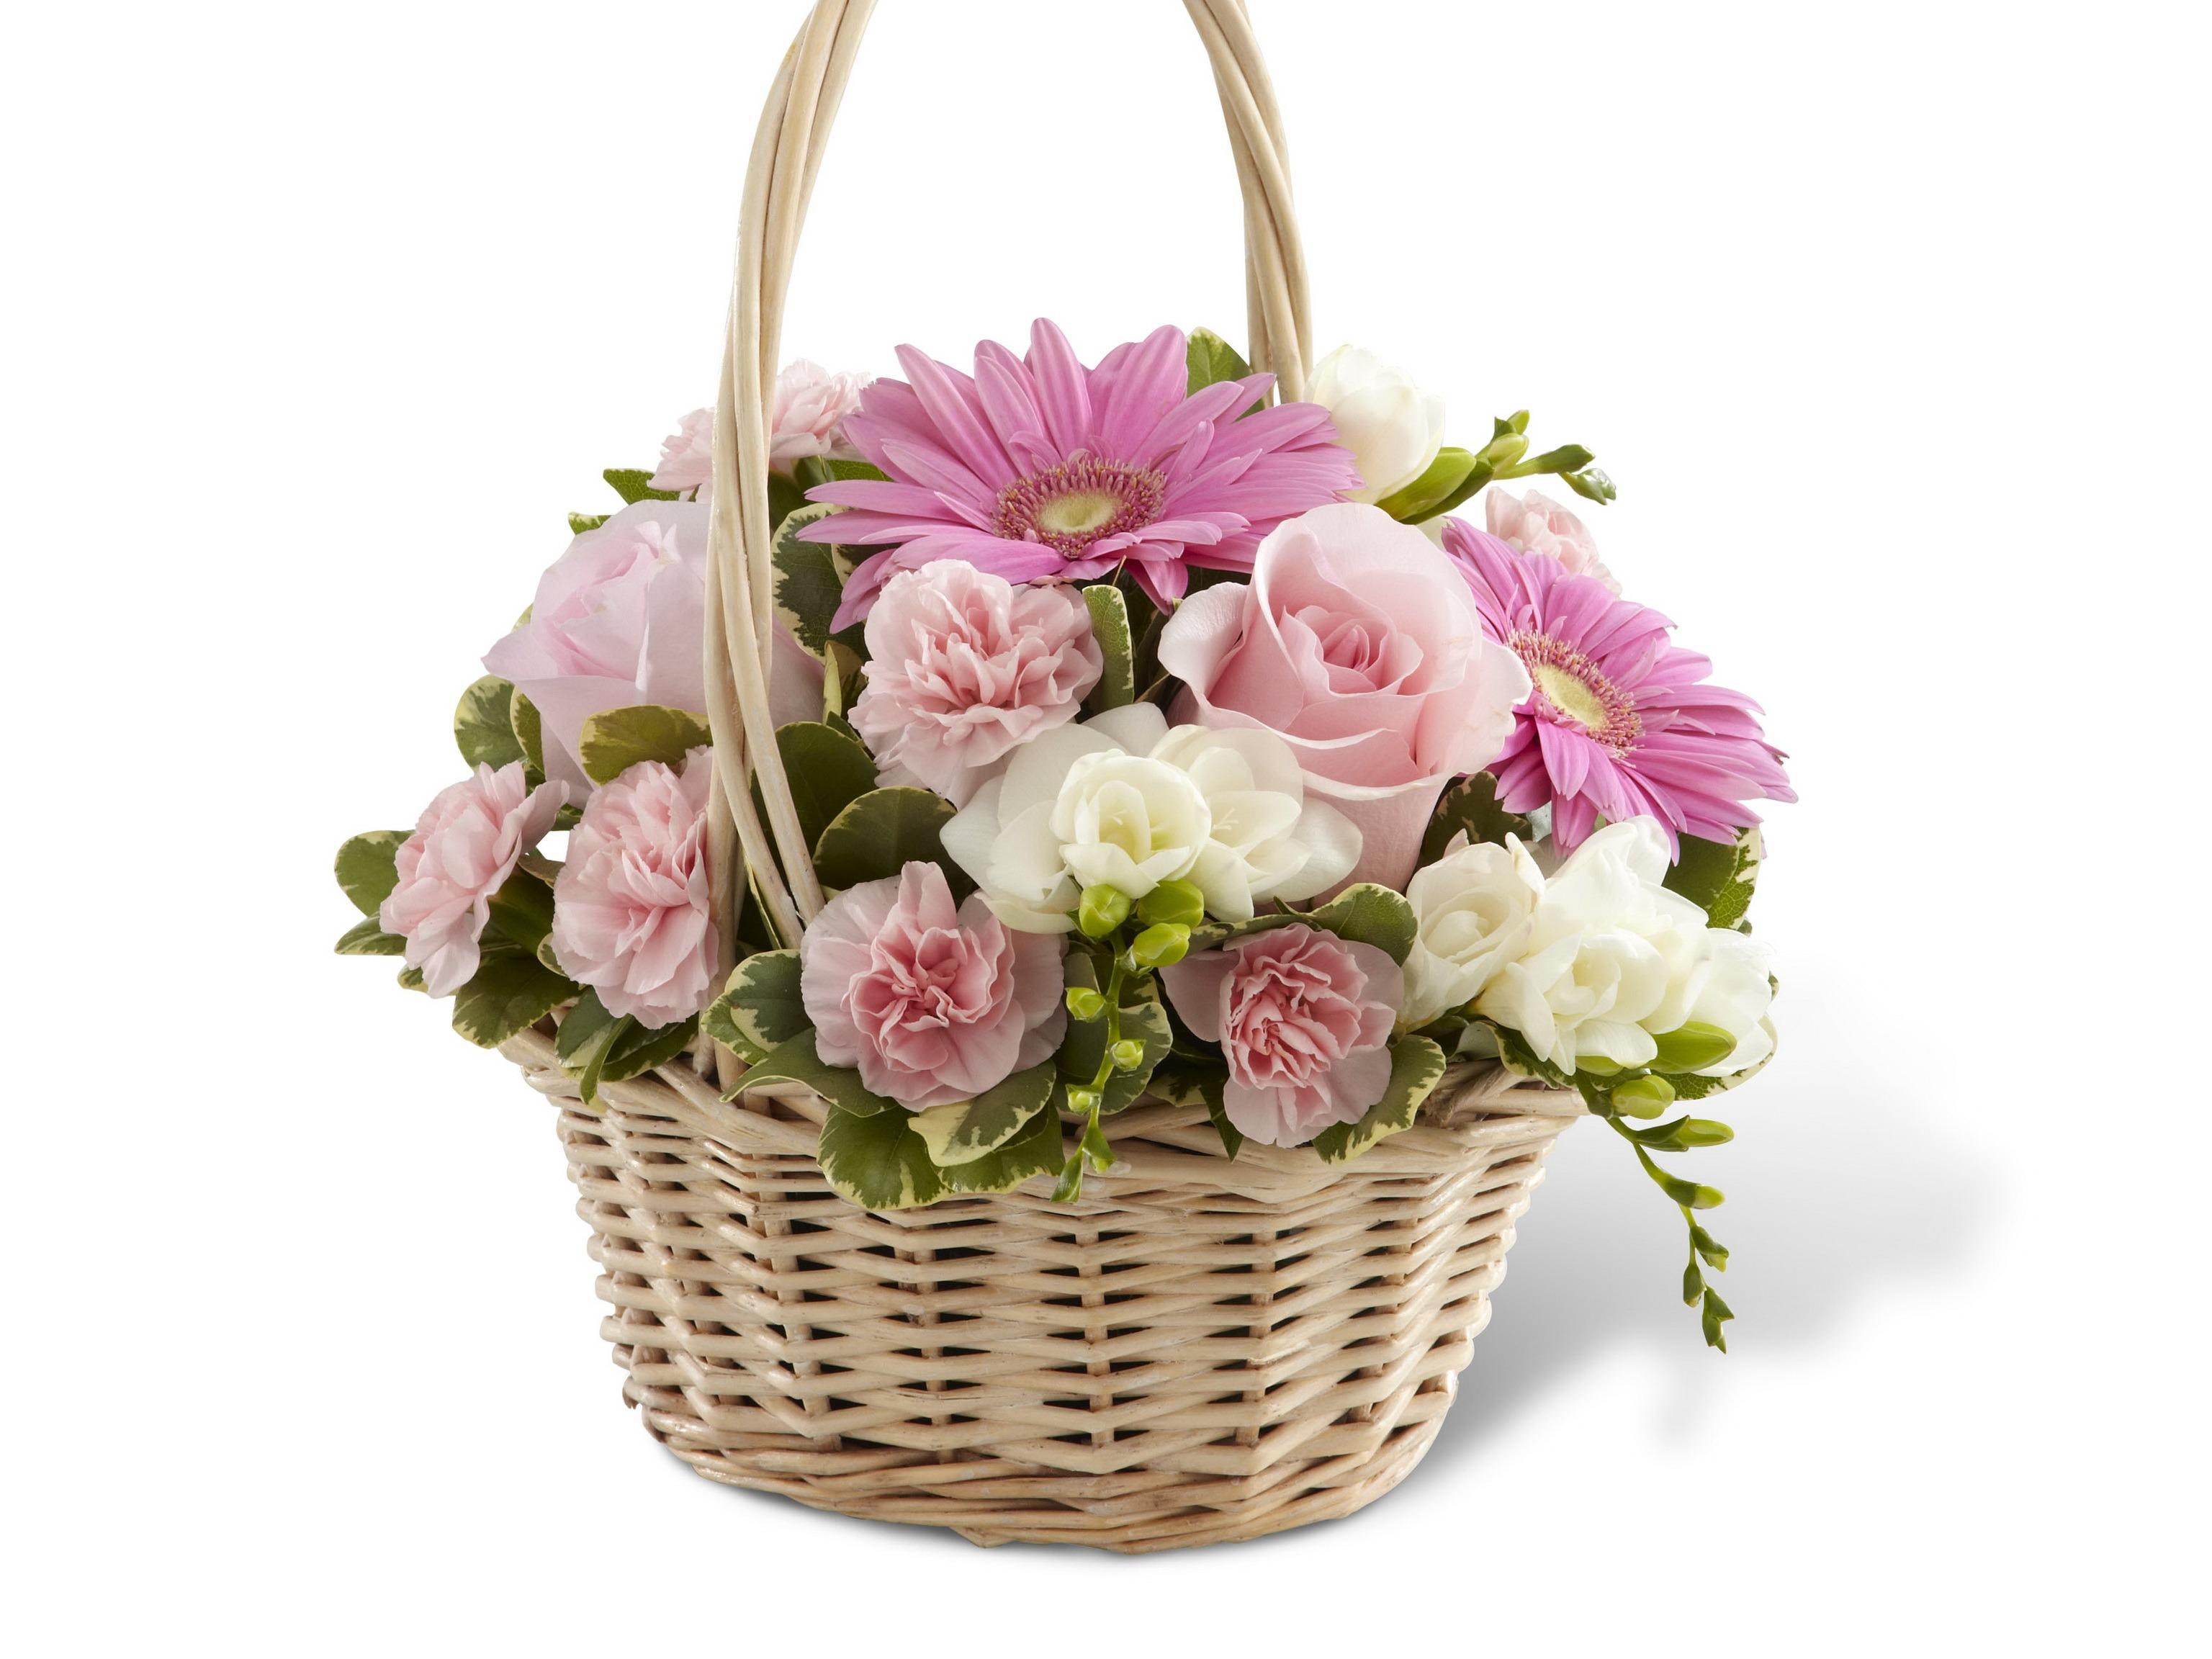 Букеты цветов в корзинках фото